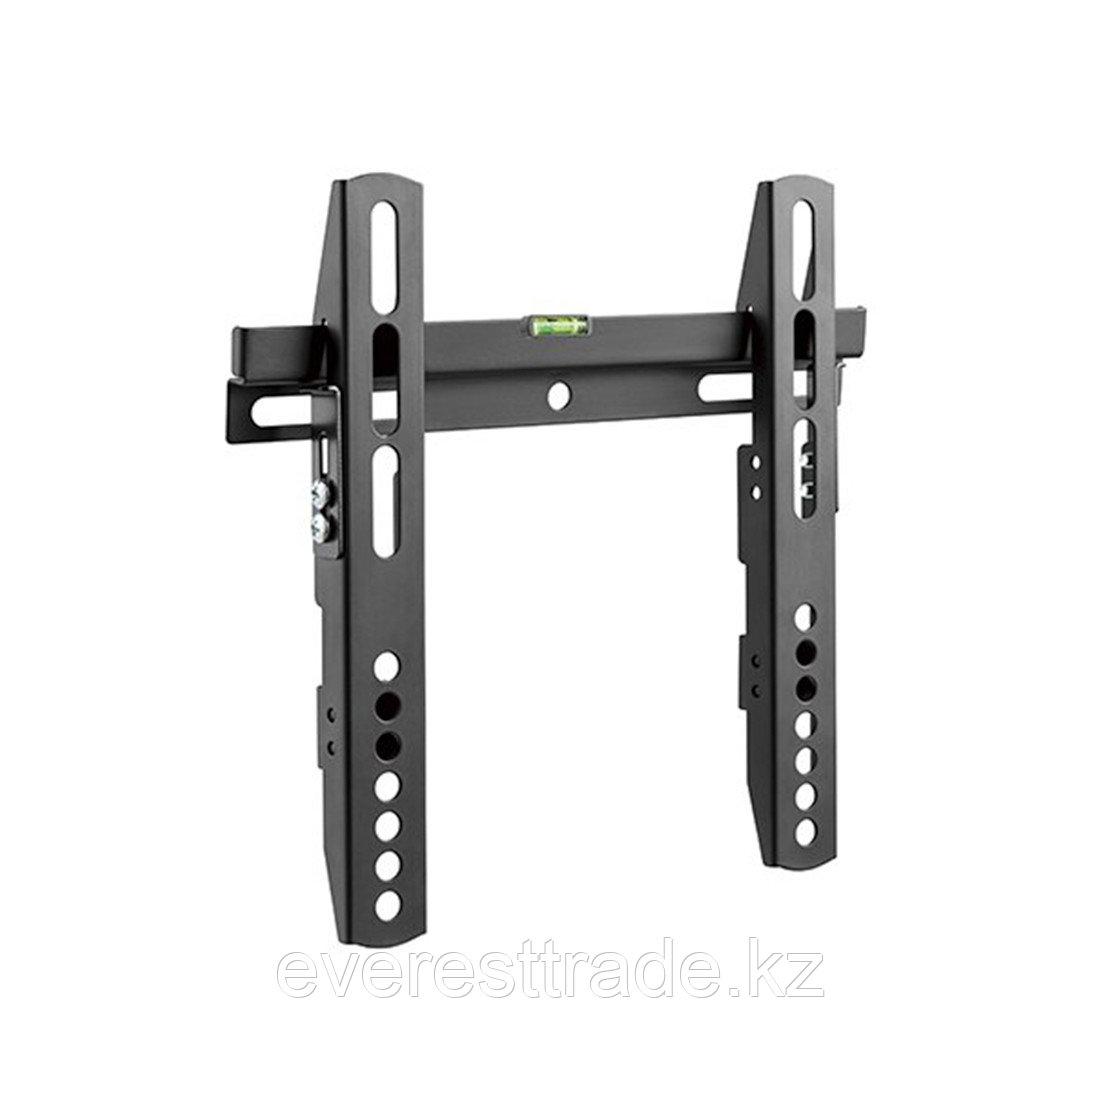 Brateck Крепление для ТВ и мониторов, Brateck, LP43-22, Макс. нагрузка - 40 кг, Диагональ экрана 23-42